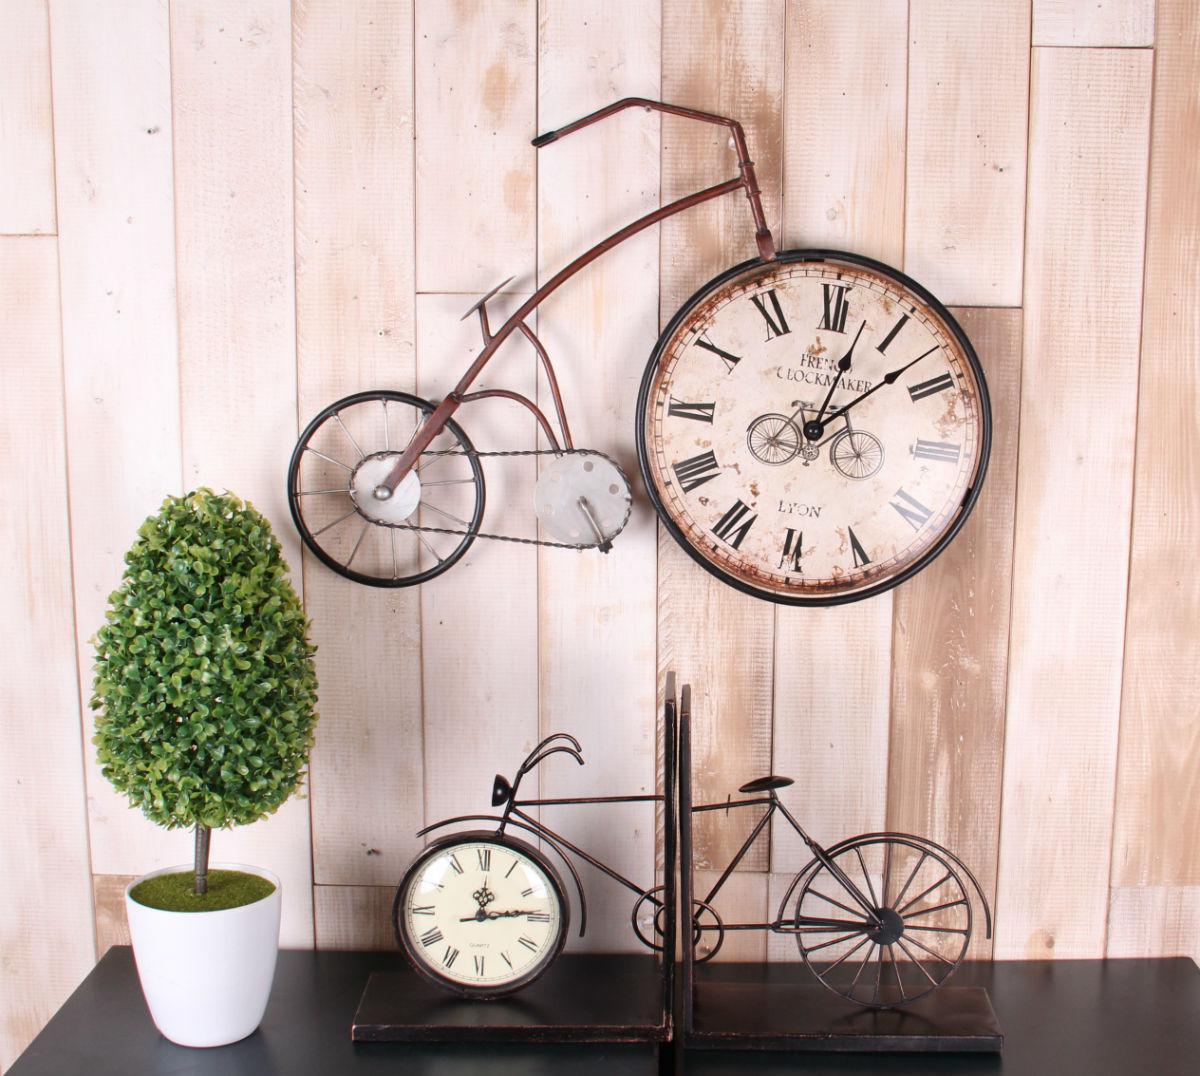 精工挂钟有哪些品牌 怎么选择客厅挂钟